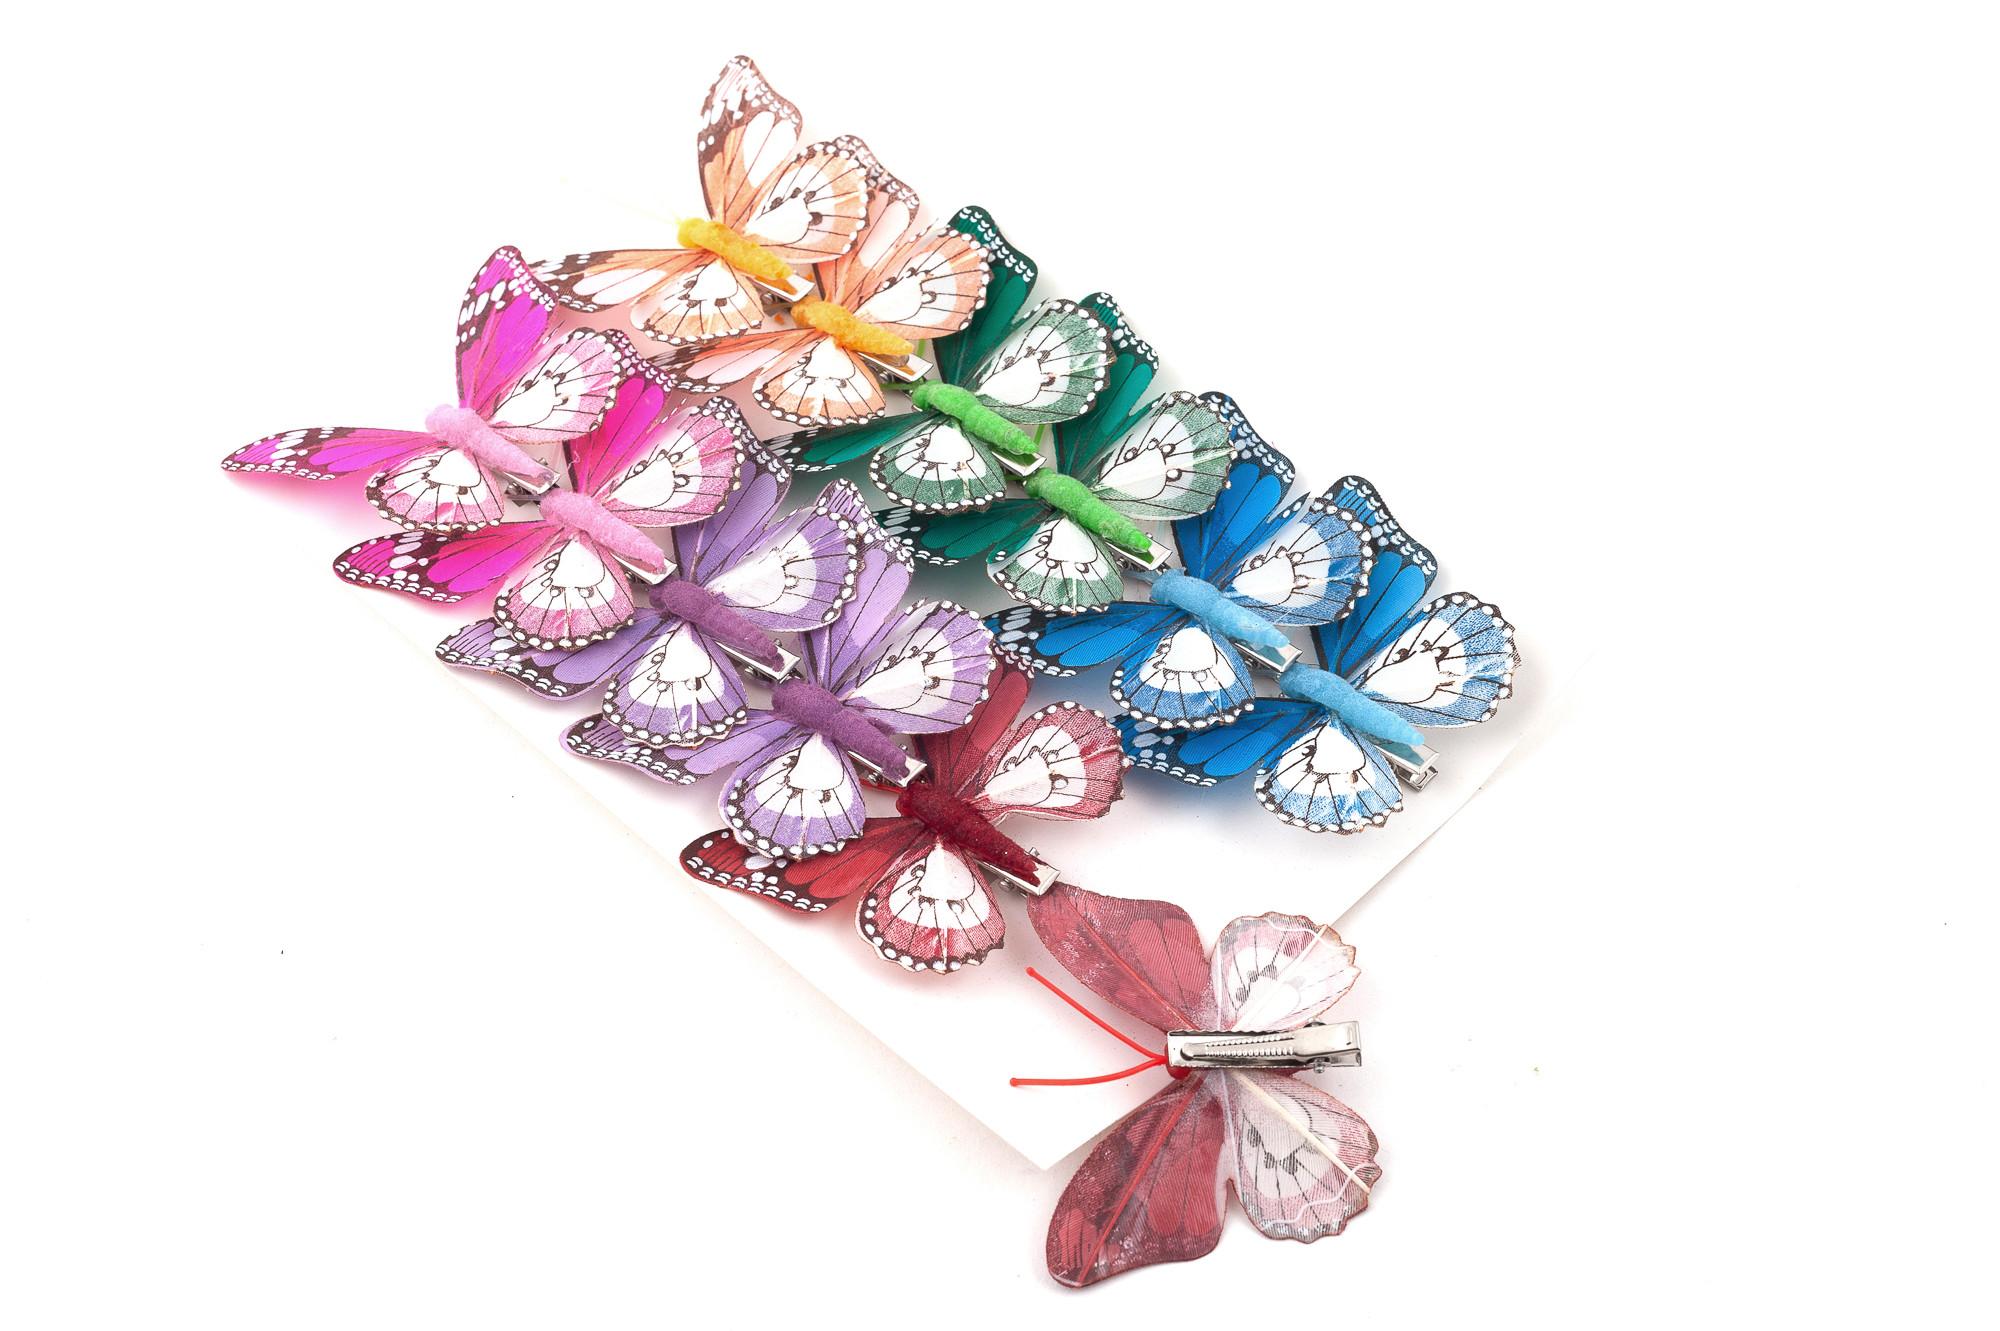 Motýl 8 cm, 12 ks